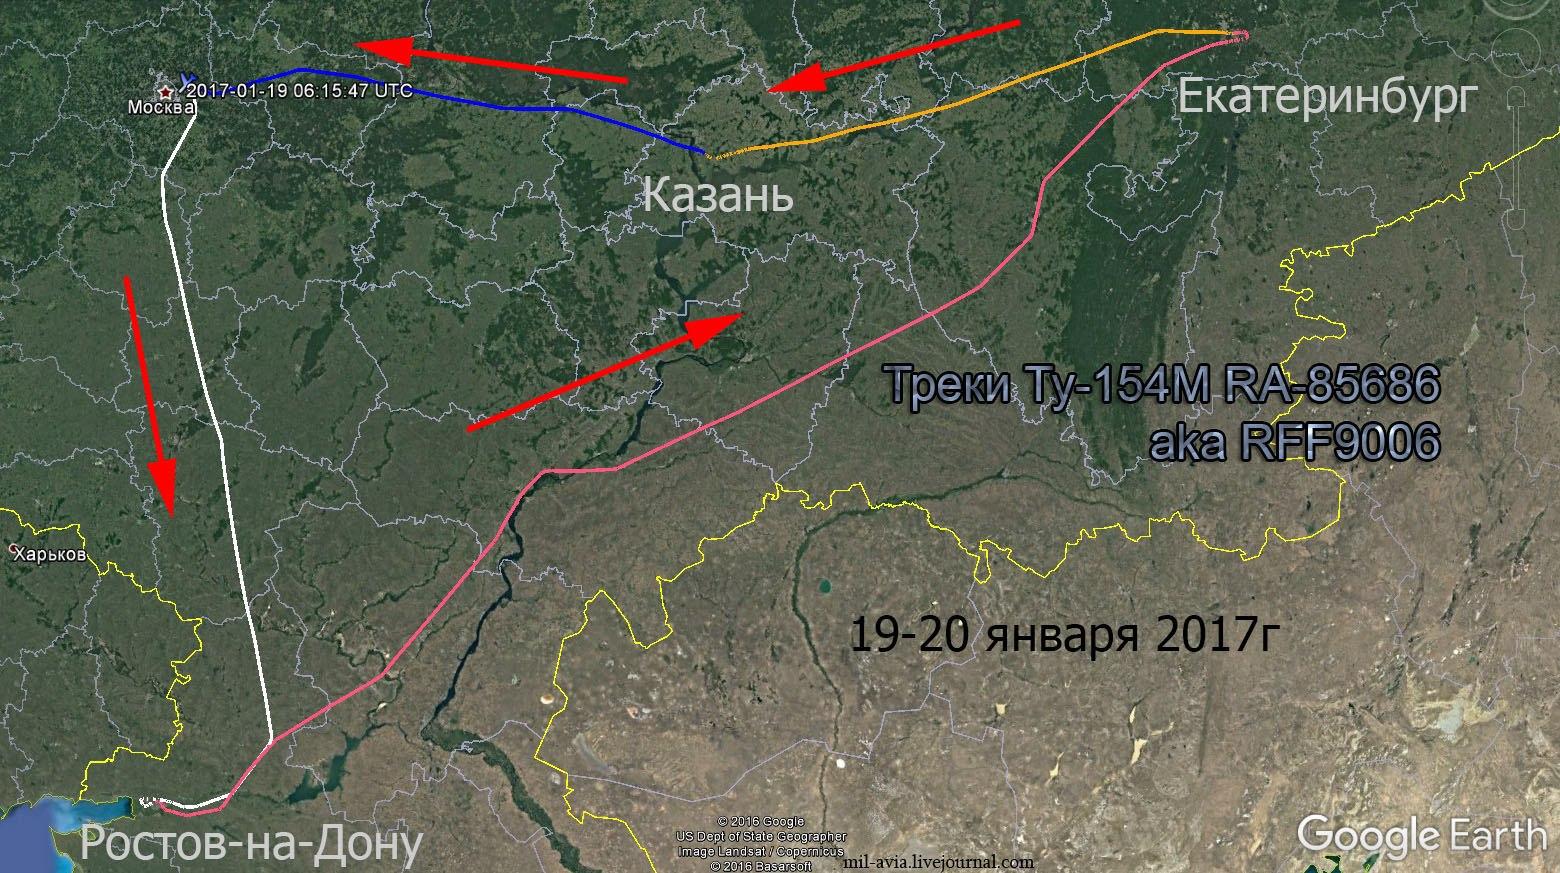 [BIZTPOL] Oroszország és a Szovjetunió utódállamai - Page 6 Q38eYgROW04